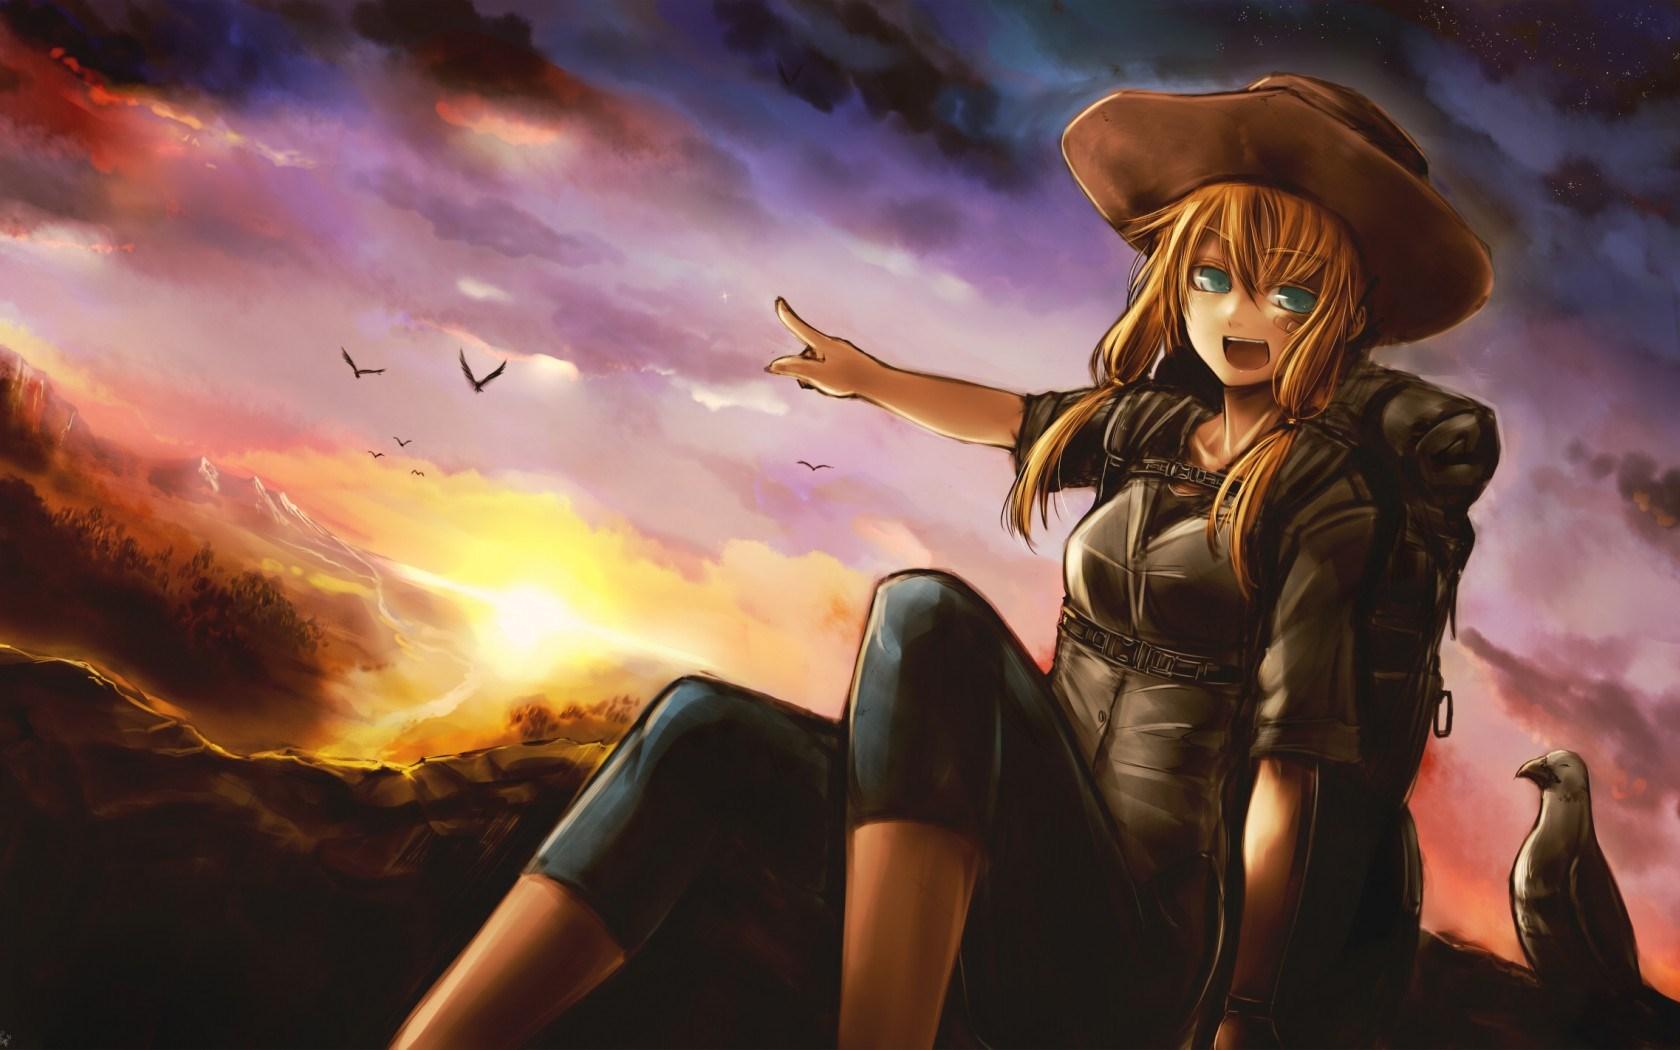 Art Girl Sunset Anime